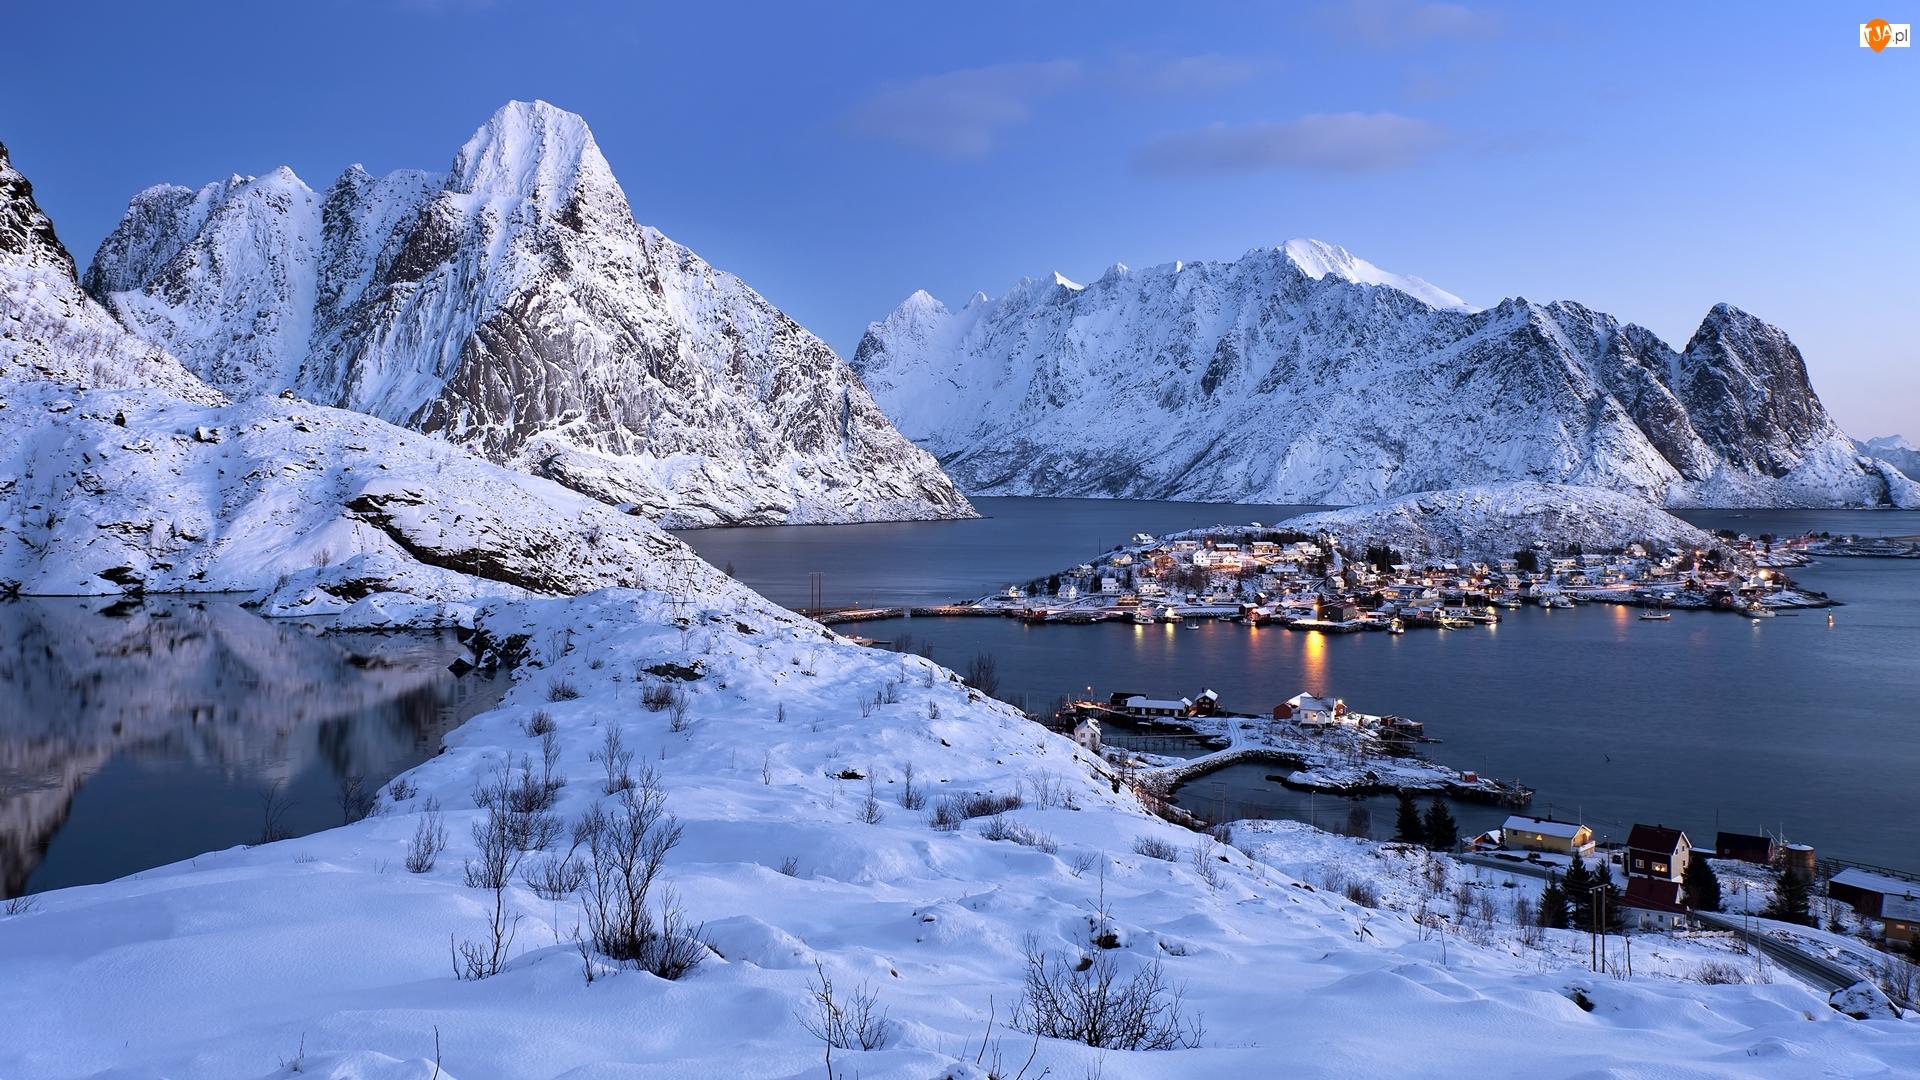 Lofoty, Wyspa Moskenesoya, Góry, Norwegia, Domy, Morze Norweskie Zima, Wieś Reine